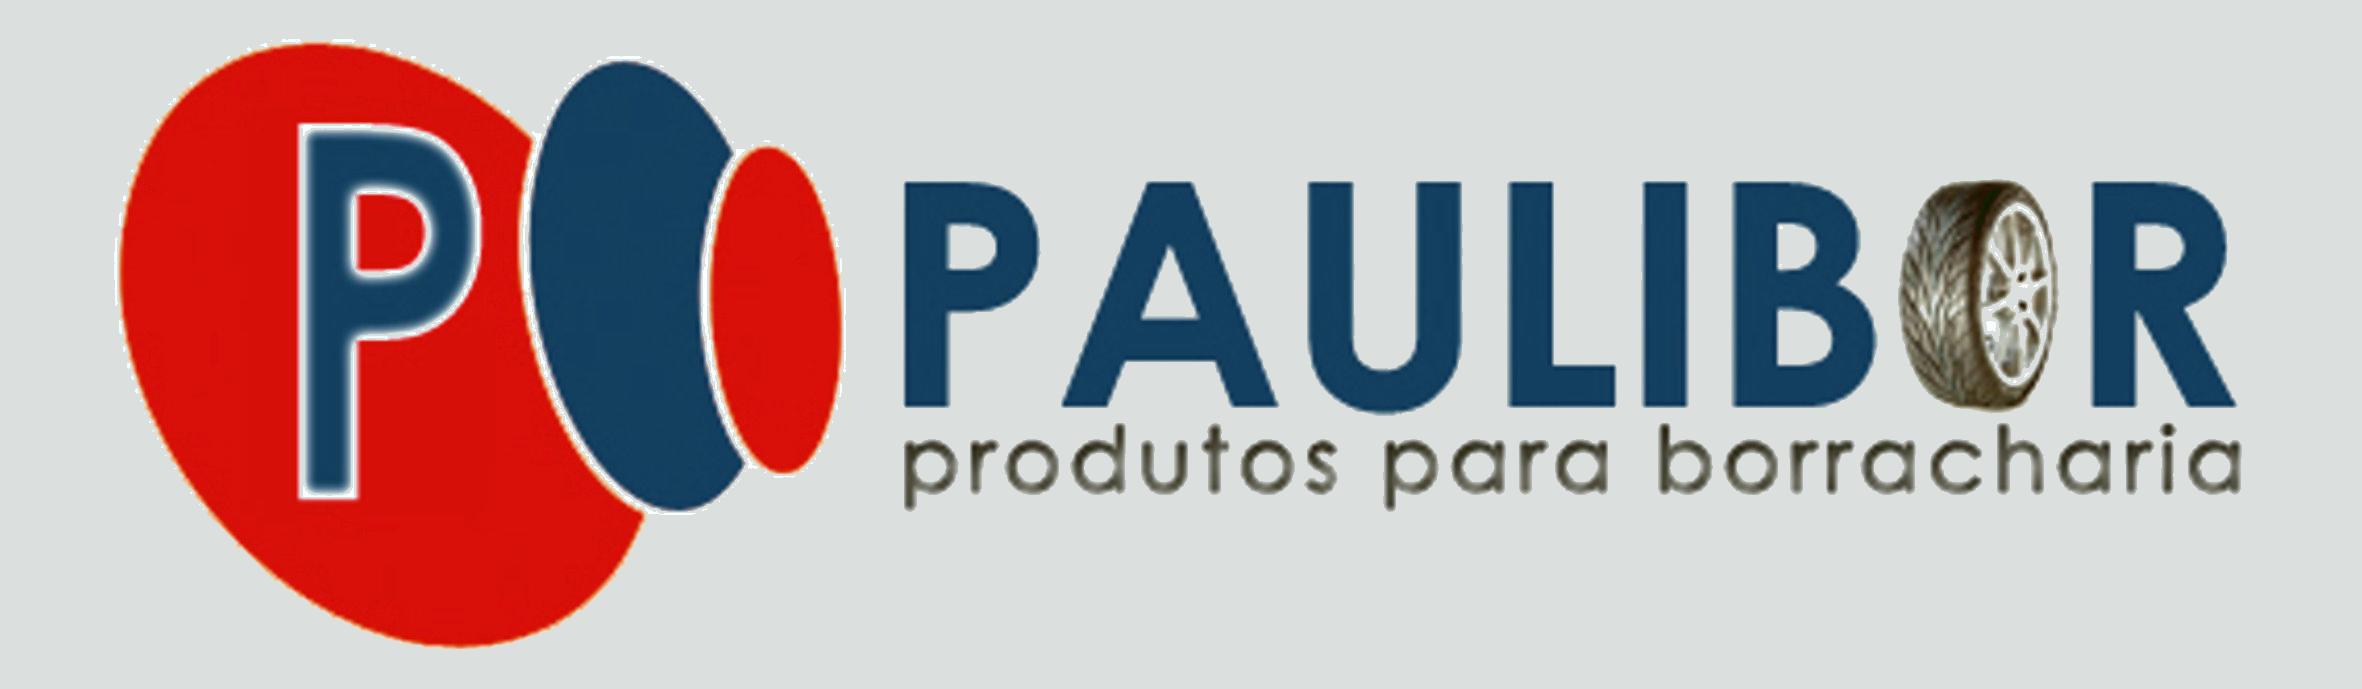 PAULIBOR TUDO PARA BORRACHARIA